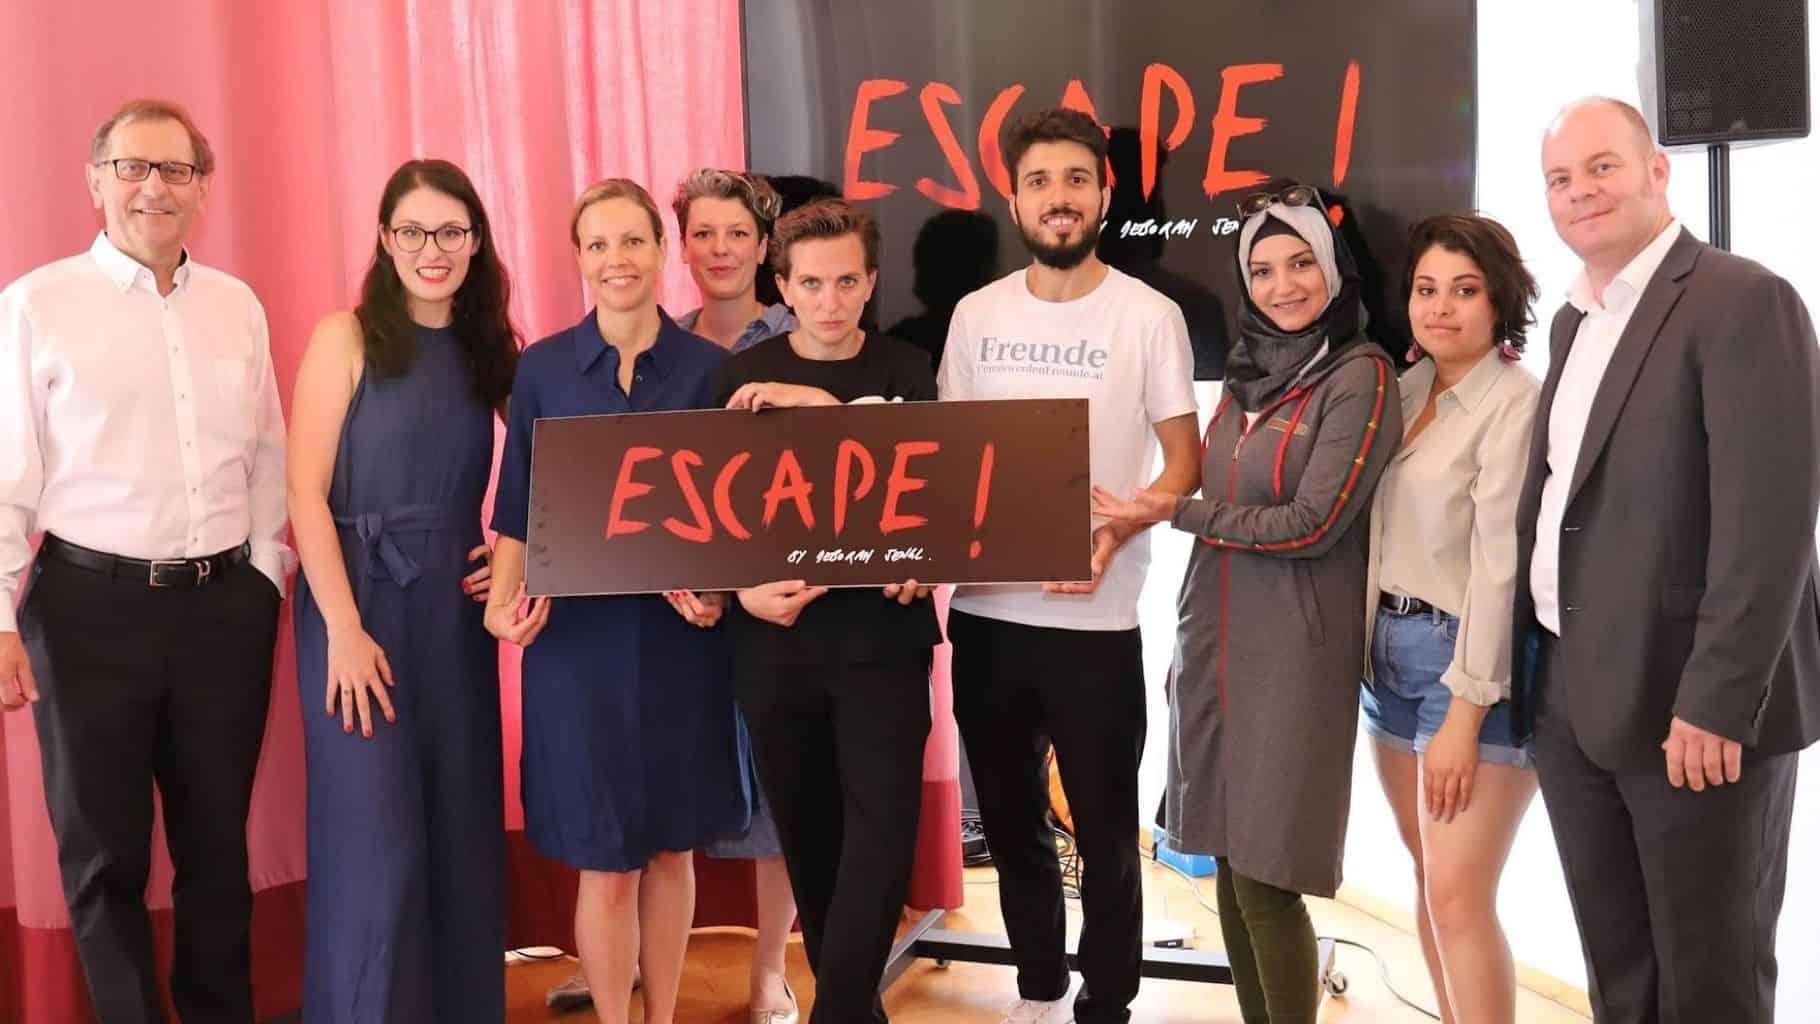 Podcast Salongespräche: Escape! by Deborah Sengl